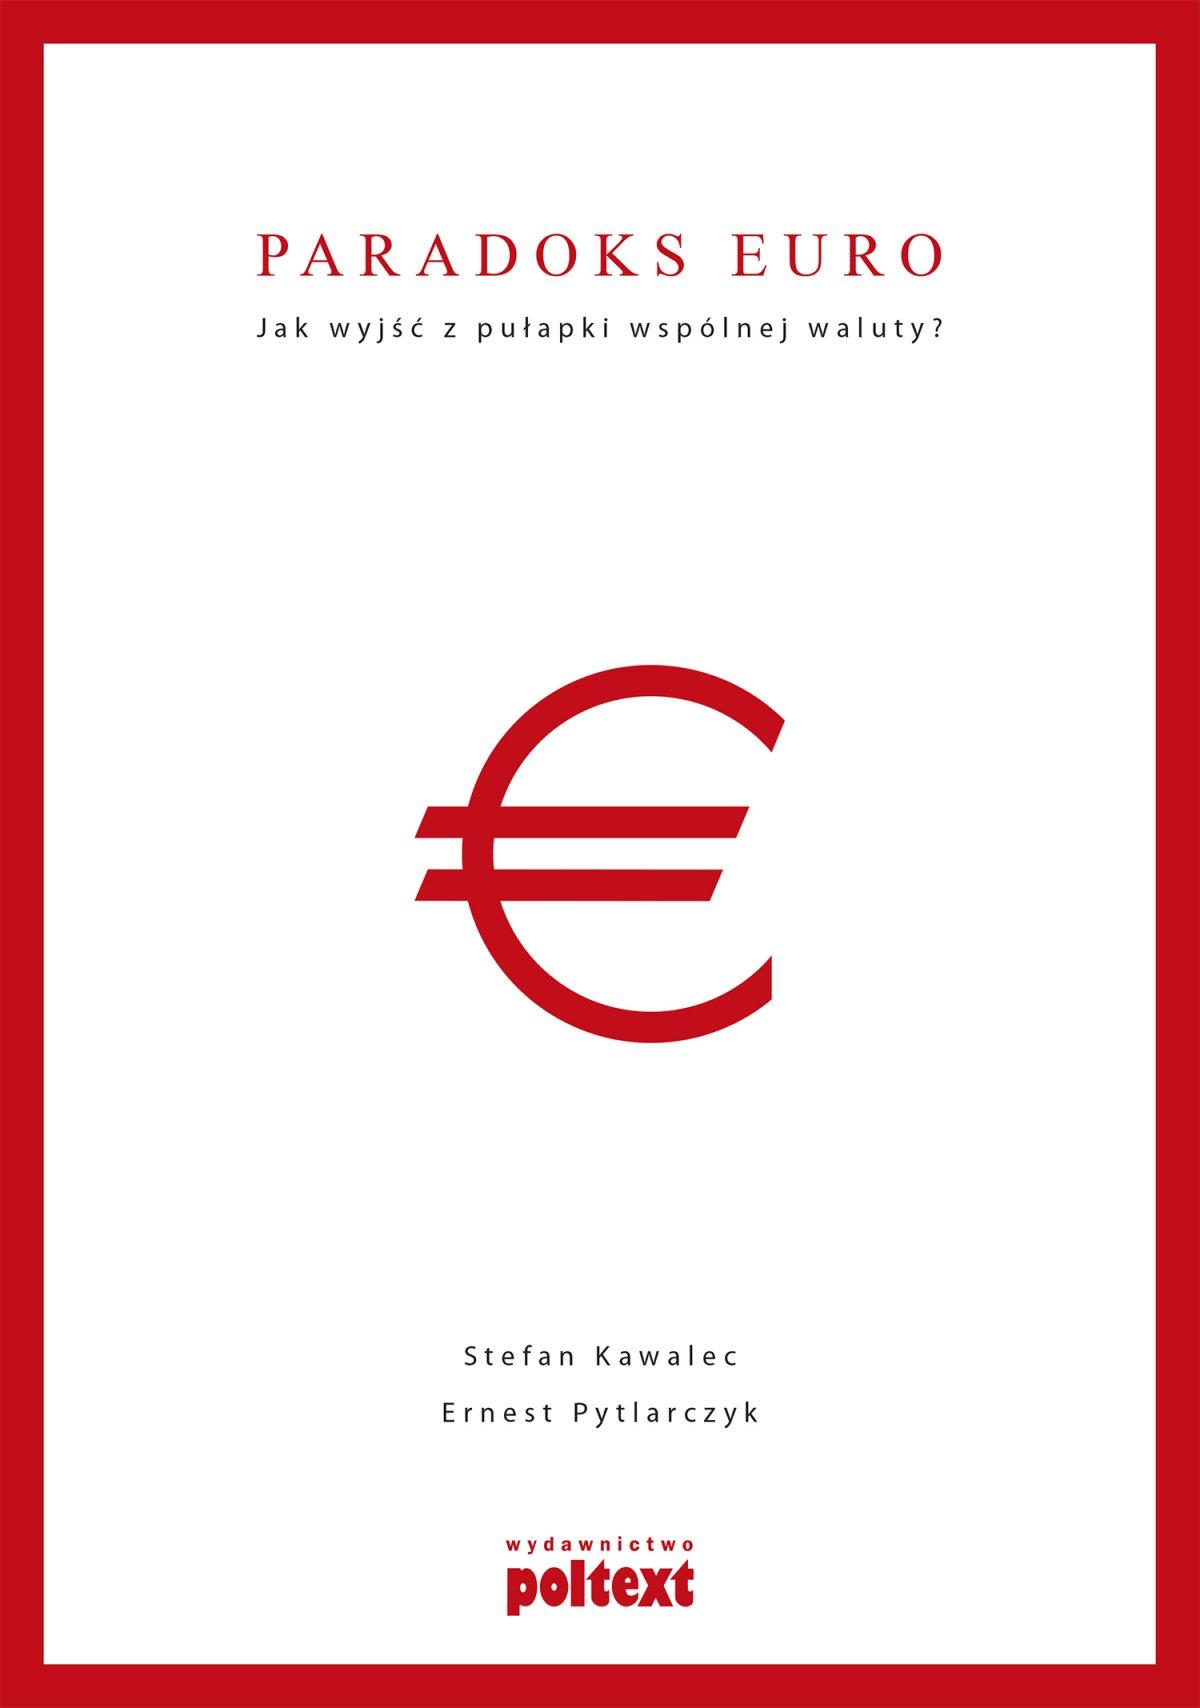 Paradoks euro Jak wyjść z pułapki wspólnej waluty? - Ebook (Książka PDF) do pobrania w formacie PDF